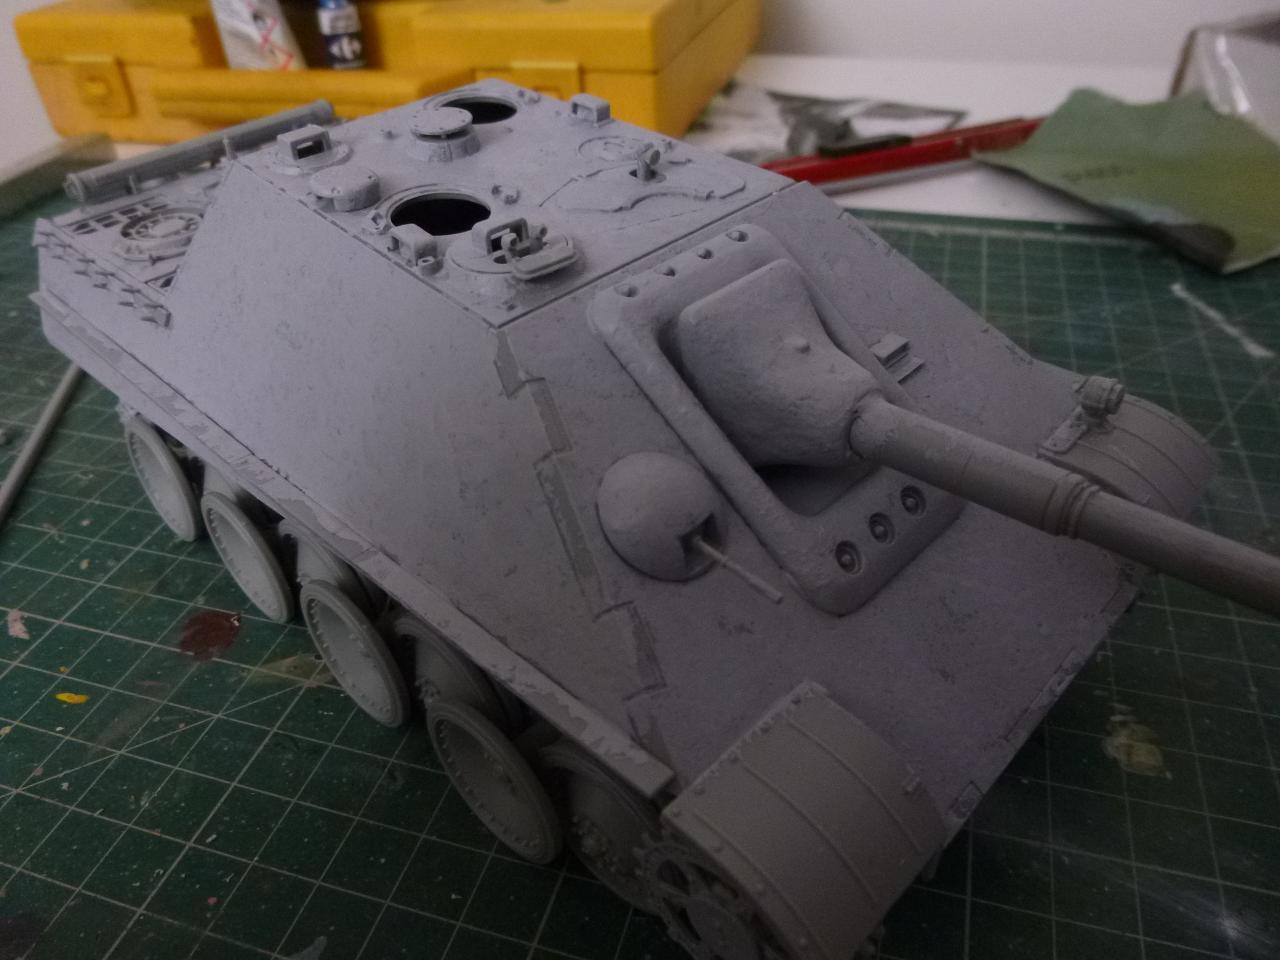 Jagdpanther fin de guerre 1945 - Dragon 1/35  151116083710683143